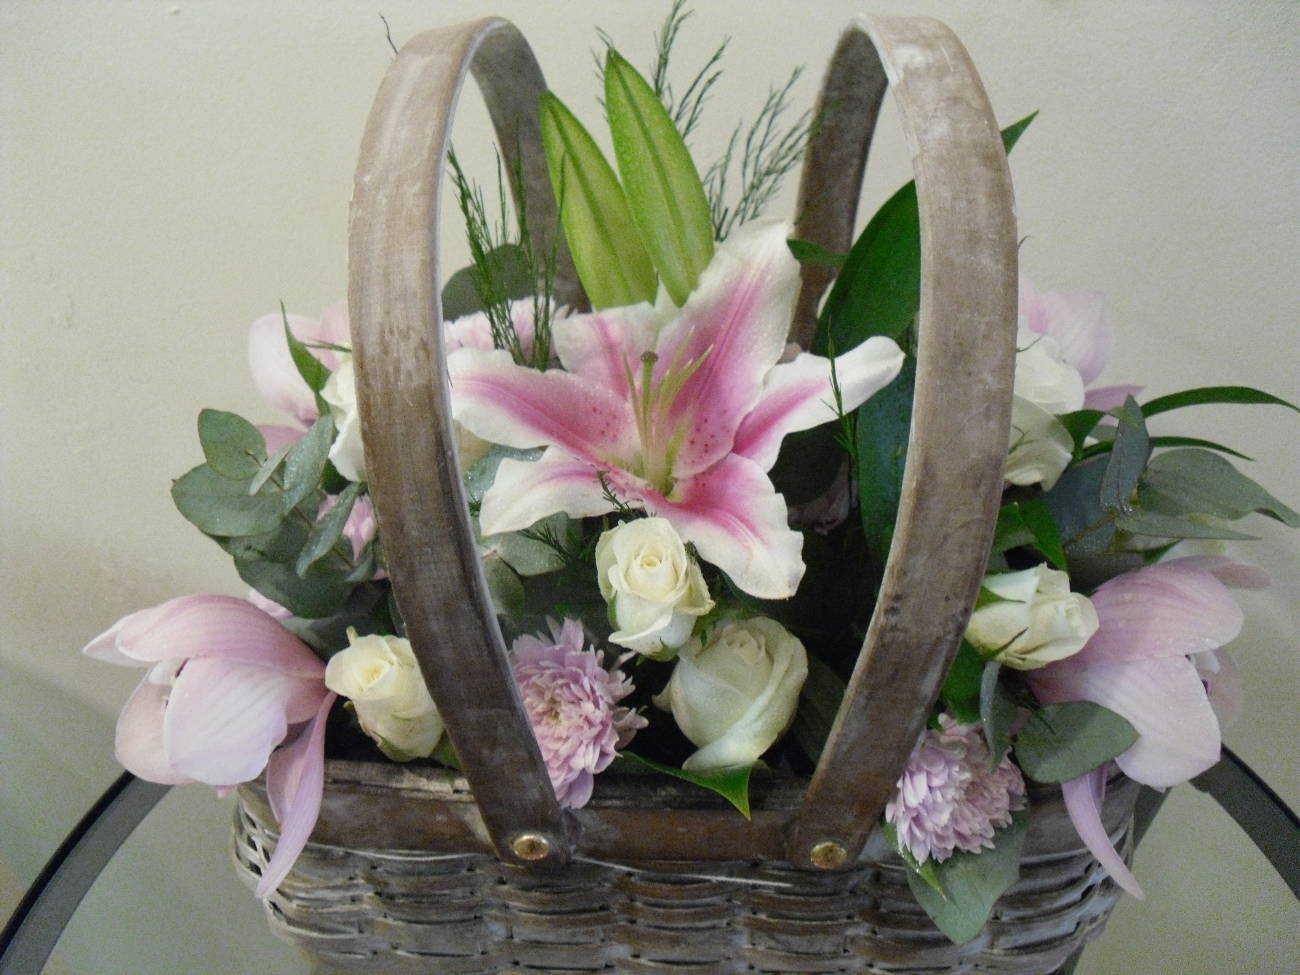 floral arrangement cottonbuds florists Northampton